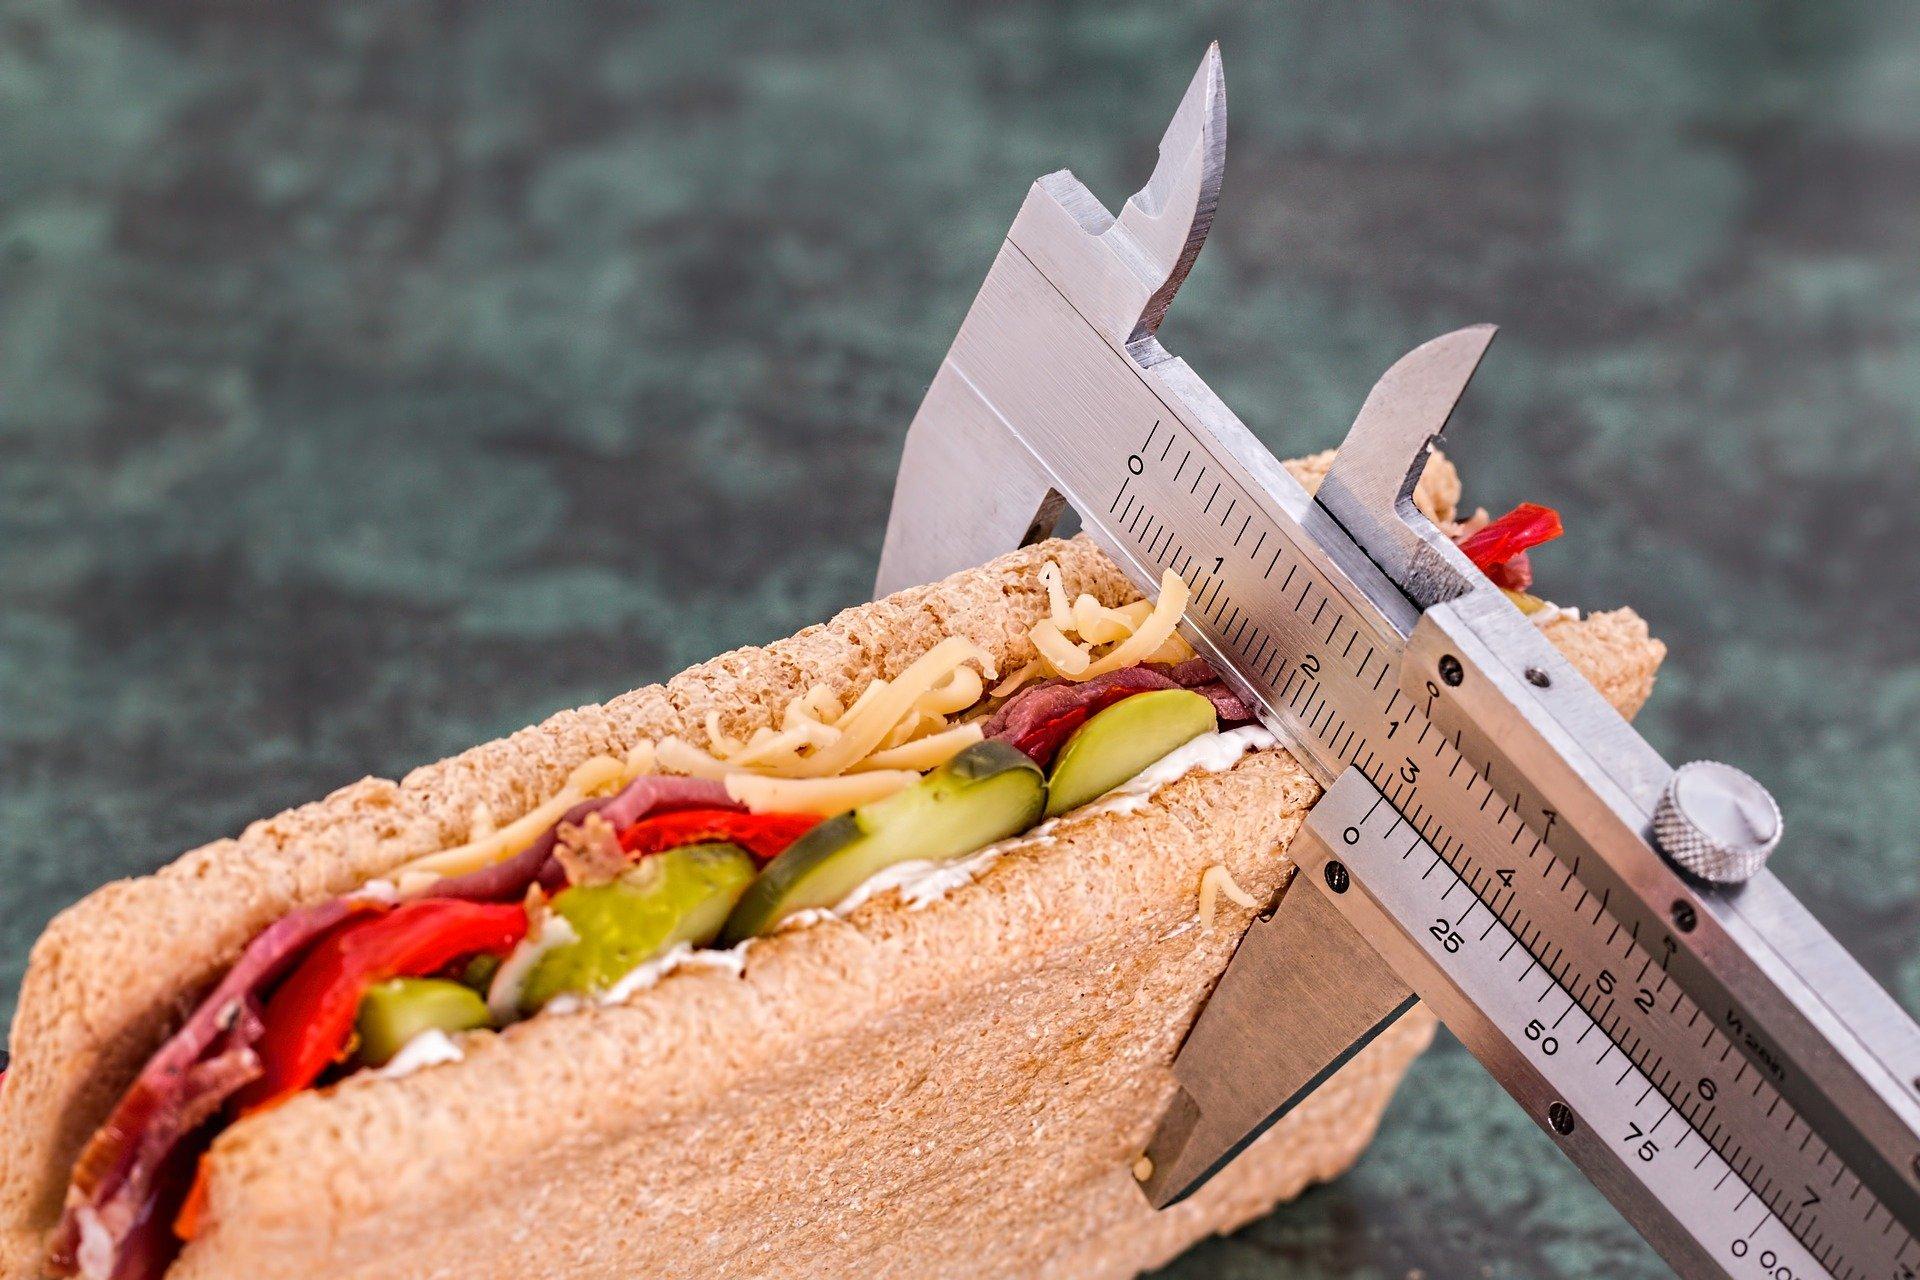 Nedržte prísne diéty